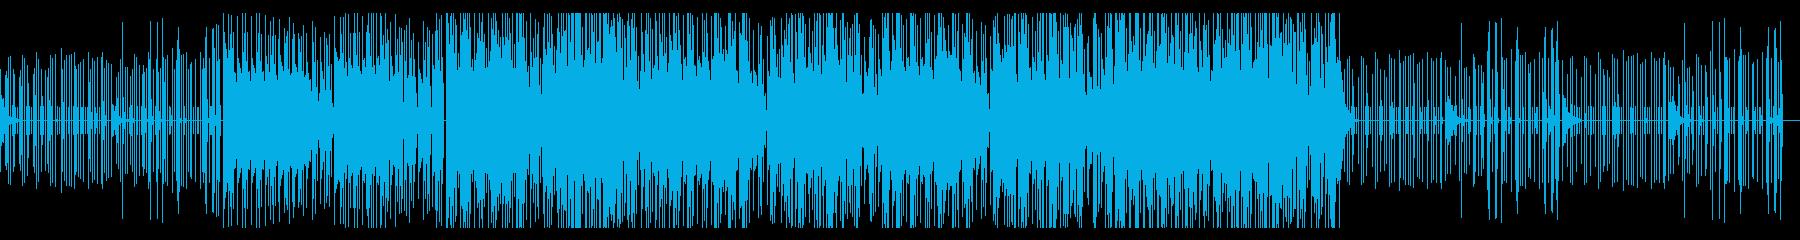 デジタルでプルックなトラップビートの再生済みの波形